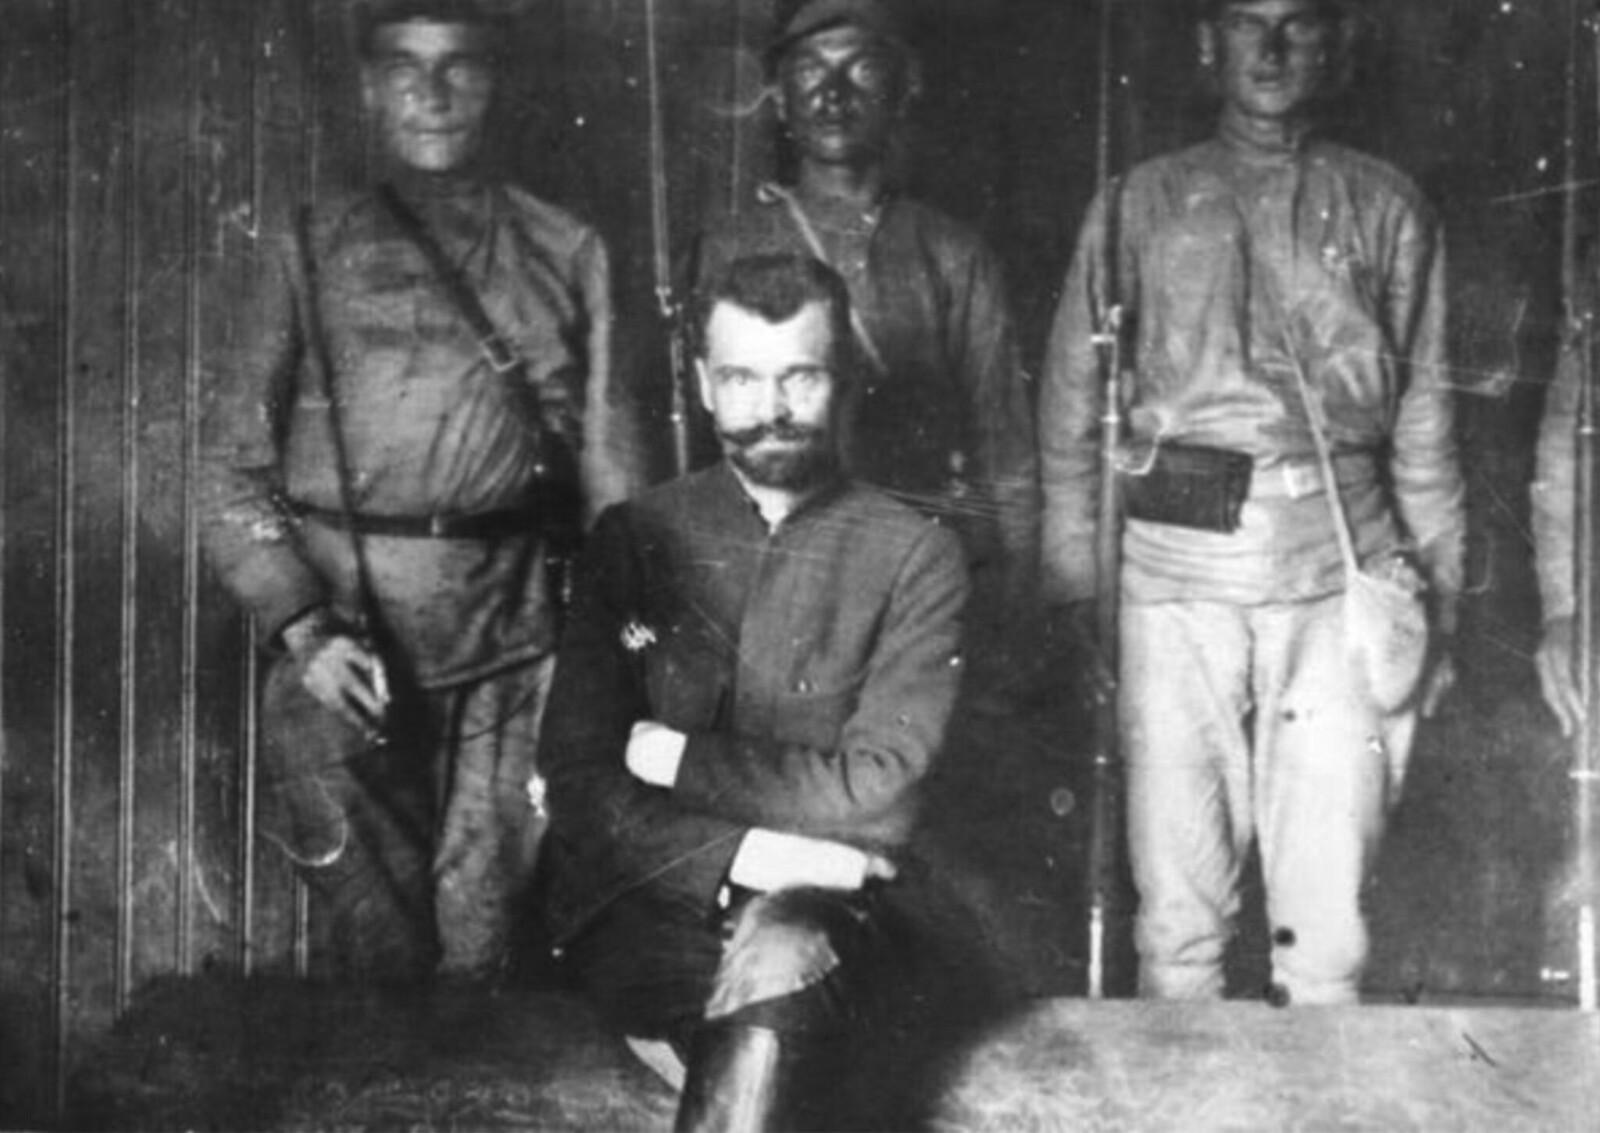 37. Полковник Перхуров на суде. Городской театр в Ярославле. Июль 1922